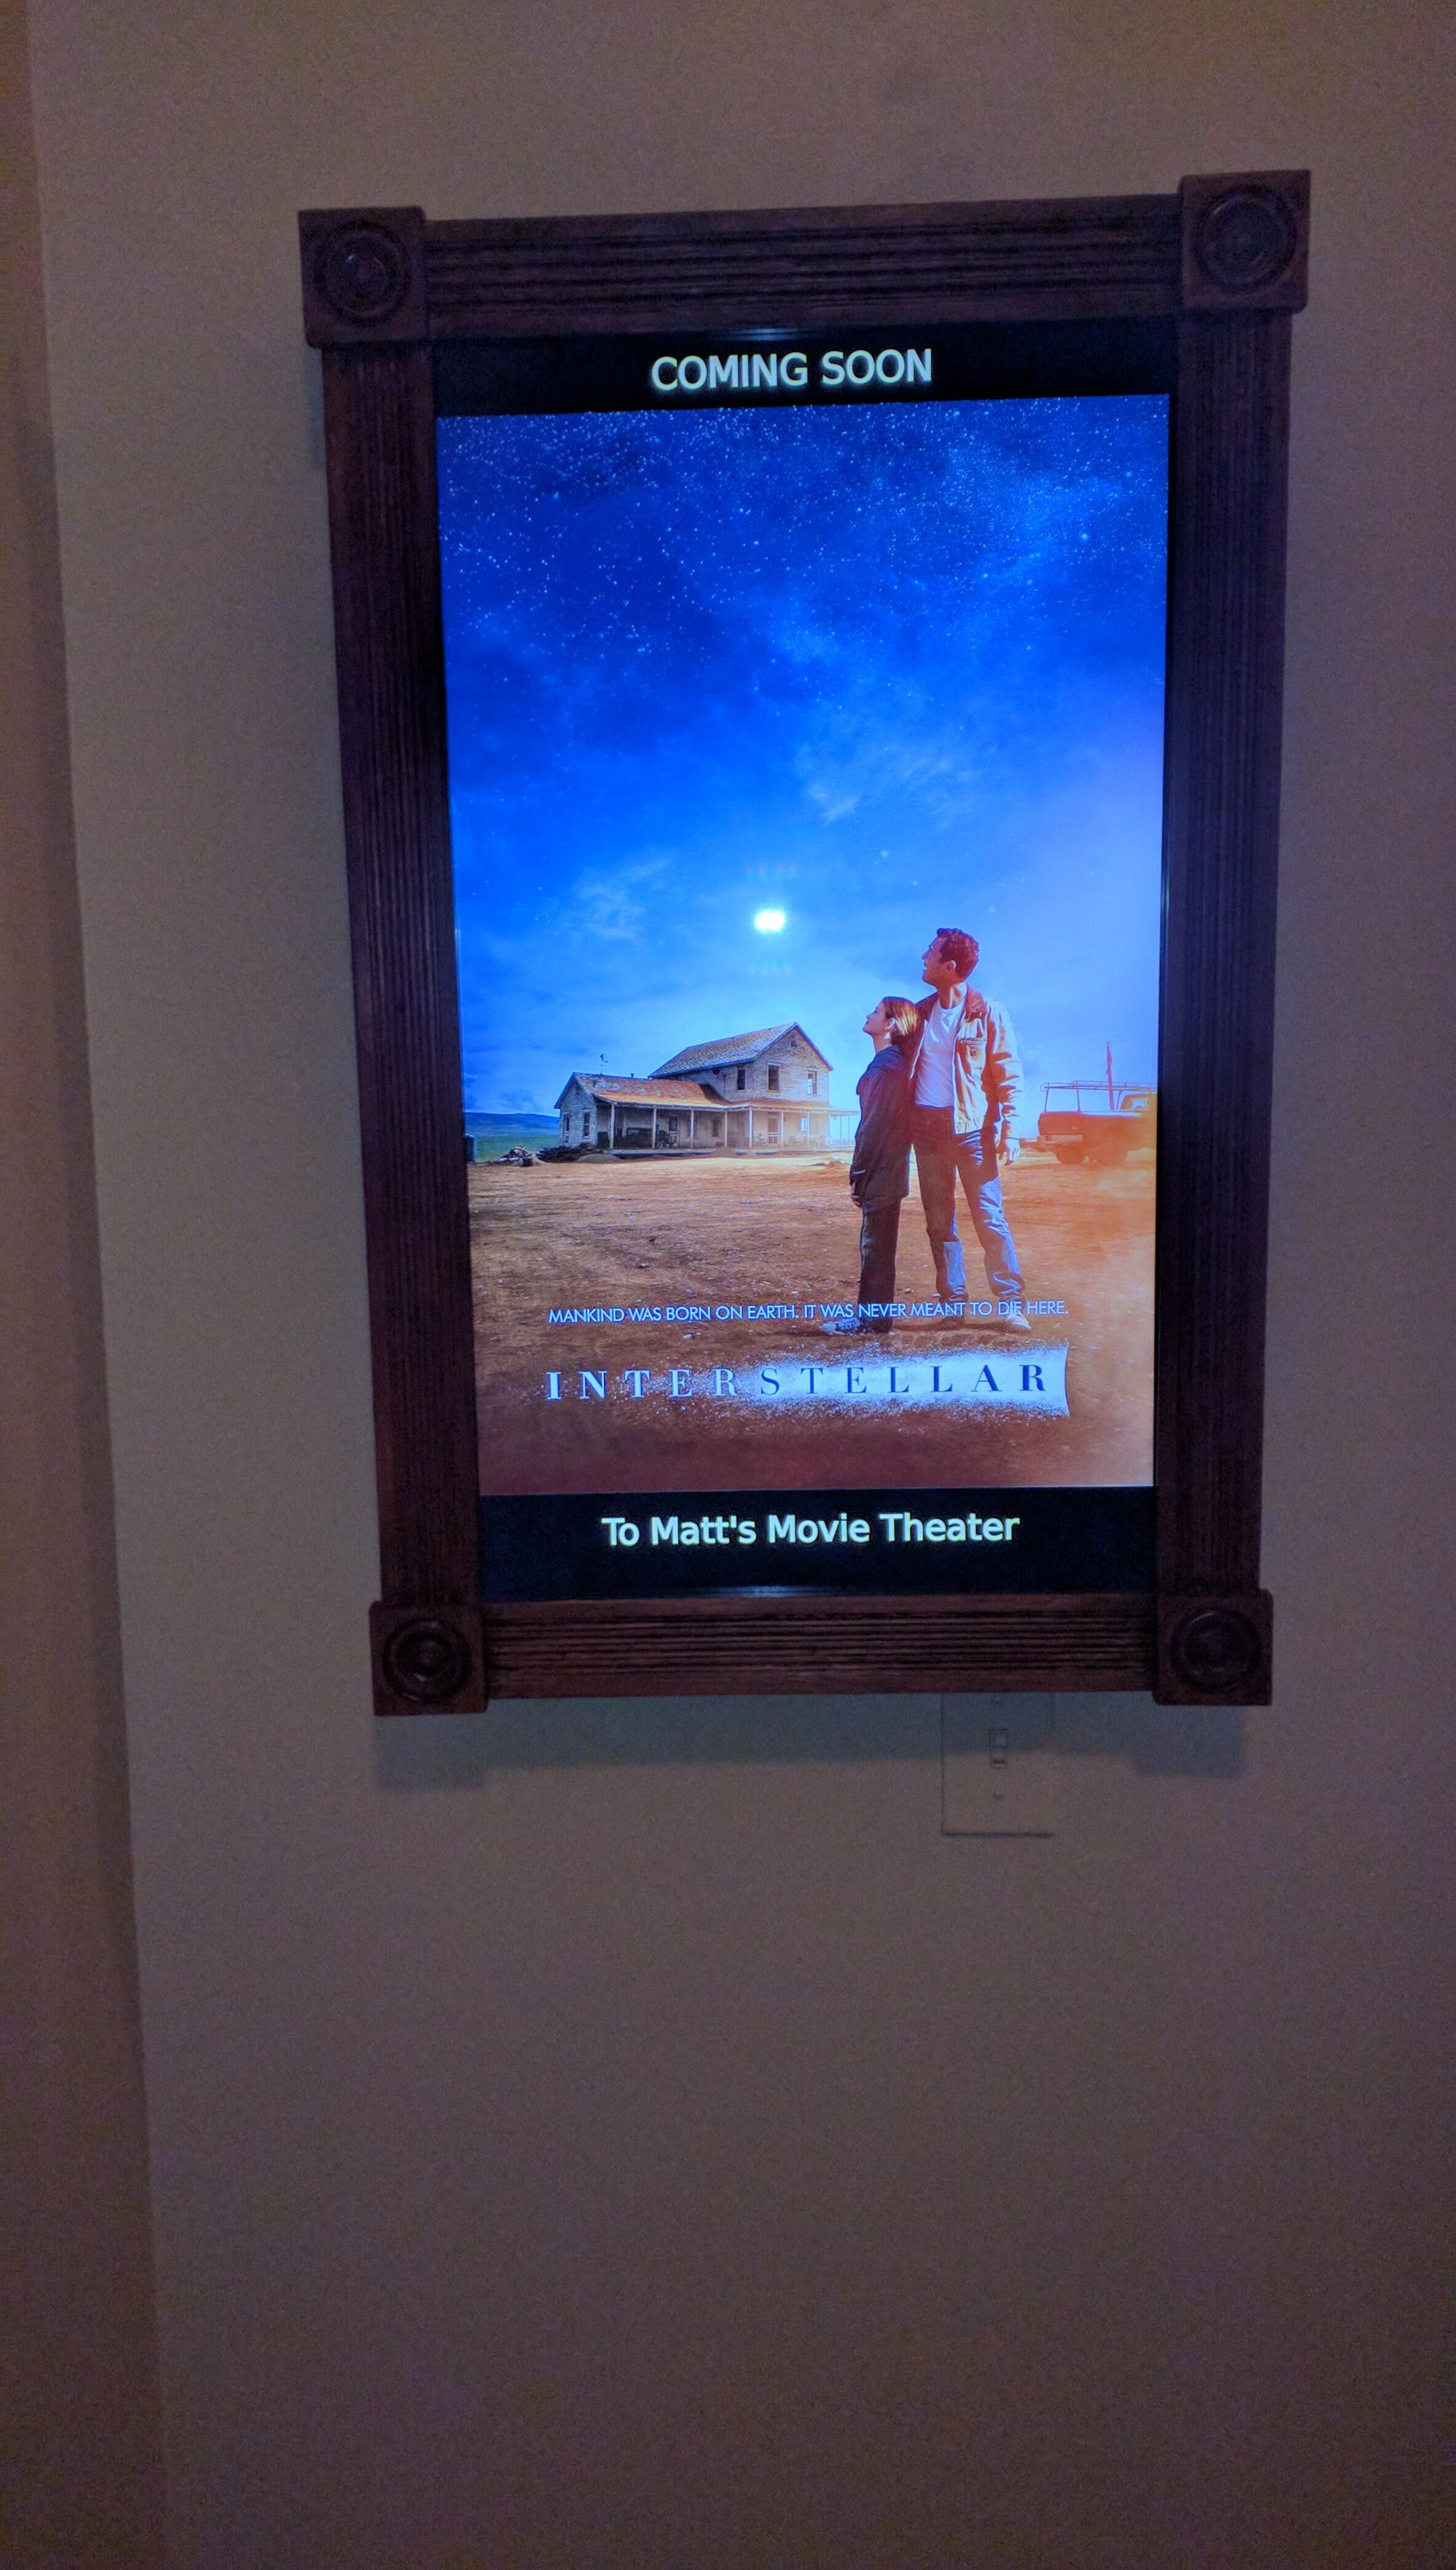 Plex Movie Poster Display Version 1 - Matt's Shack